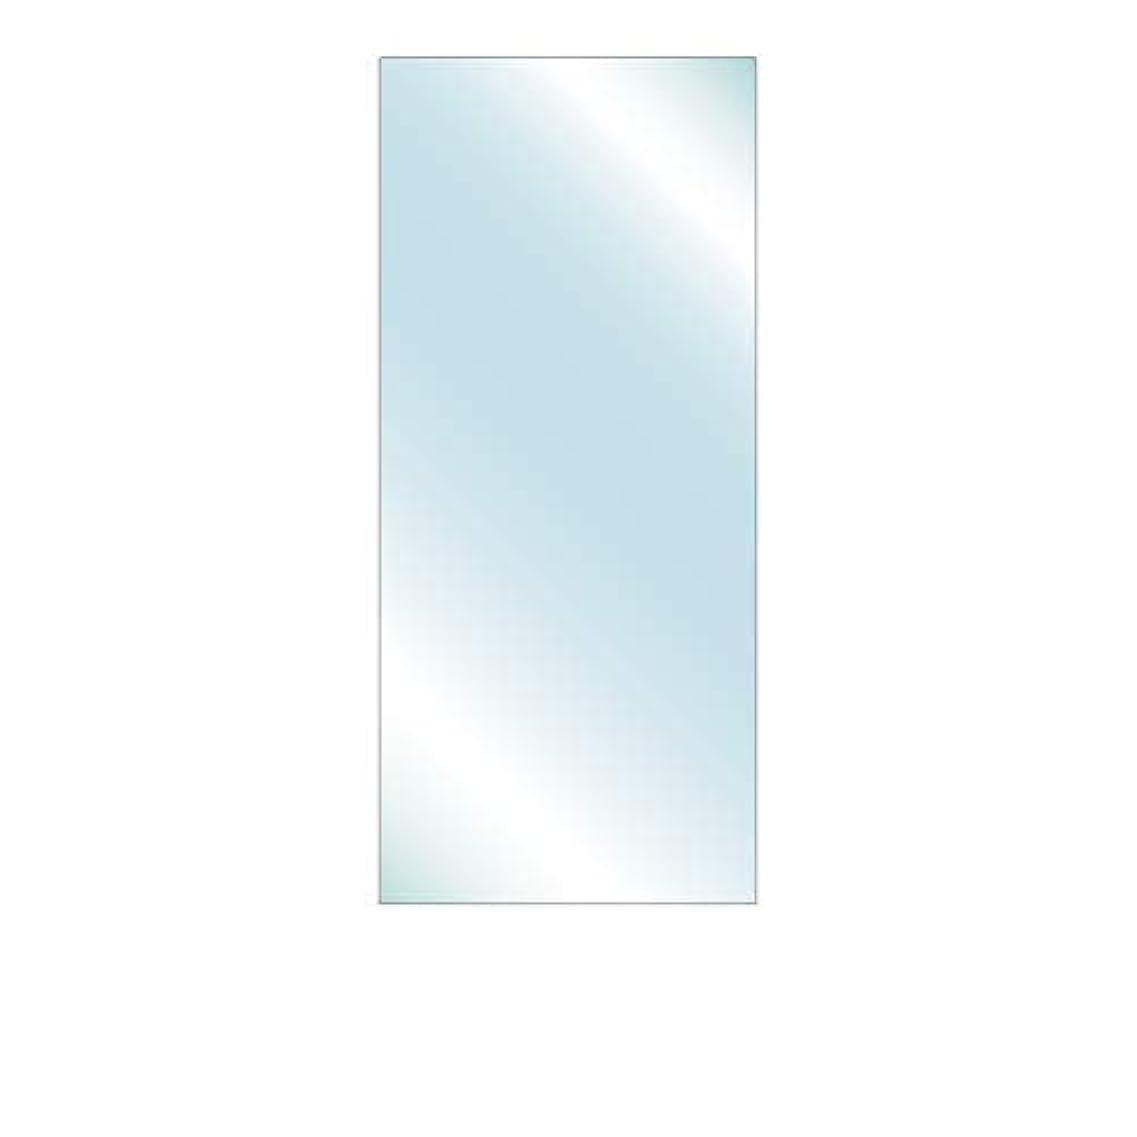 郡助けになるキャプテン強化ガラス 安全ガラス 厚み4mm 400×900mm 四角形 糸面取り サイズオーダー対応